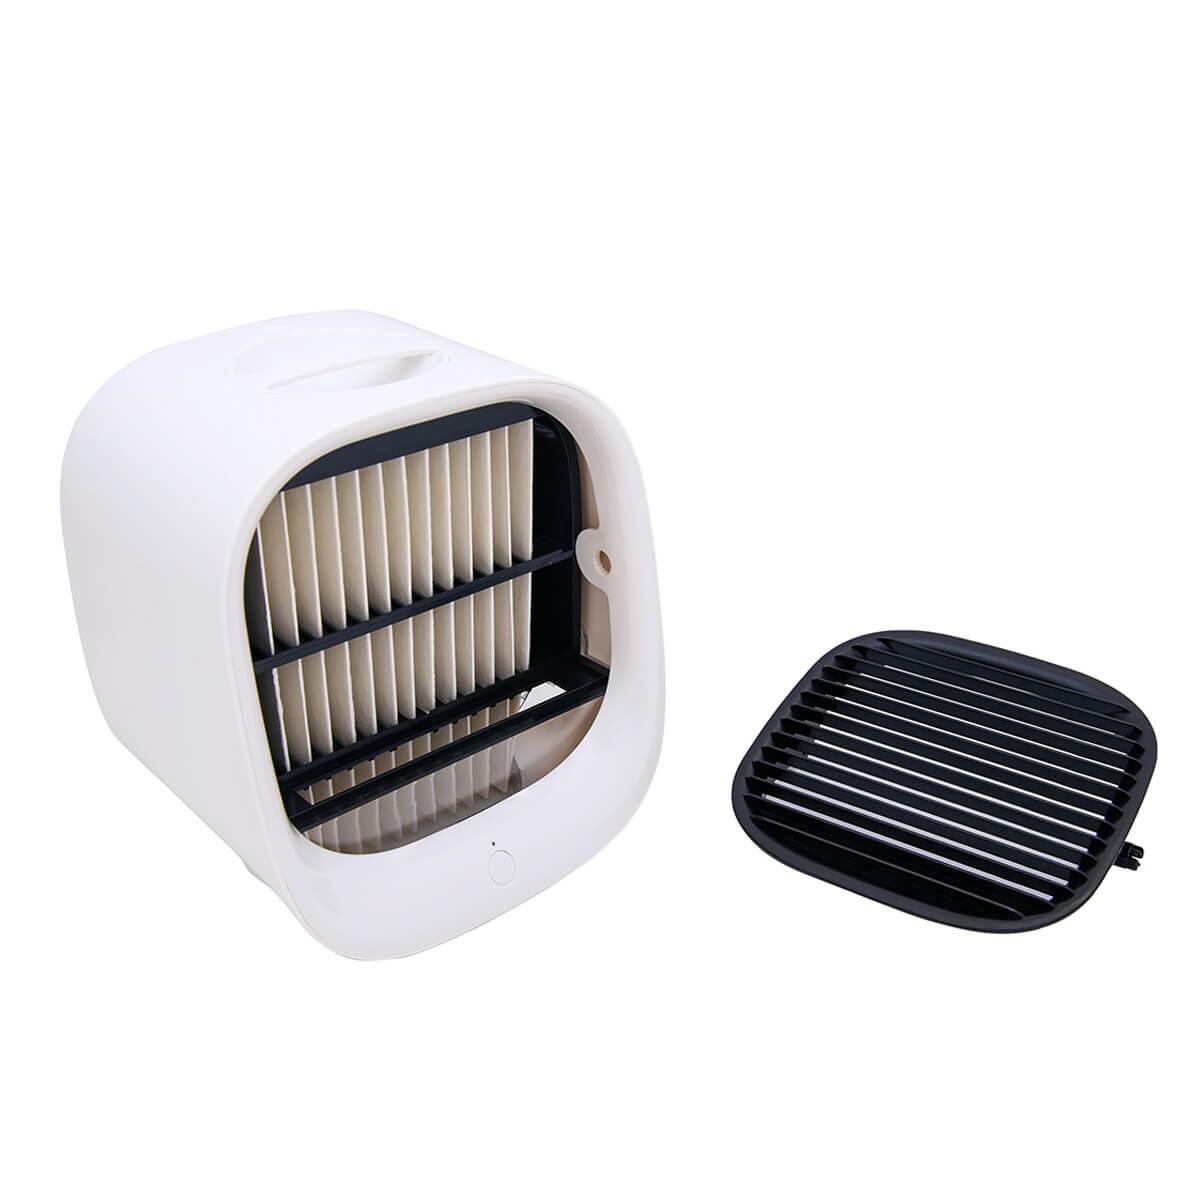 Мини кондиционер Air Cooler MAX с LED подсветкой - 5